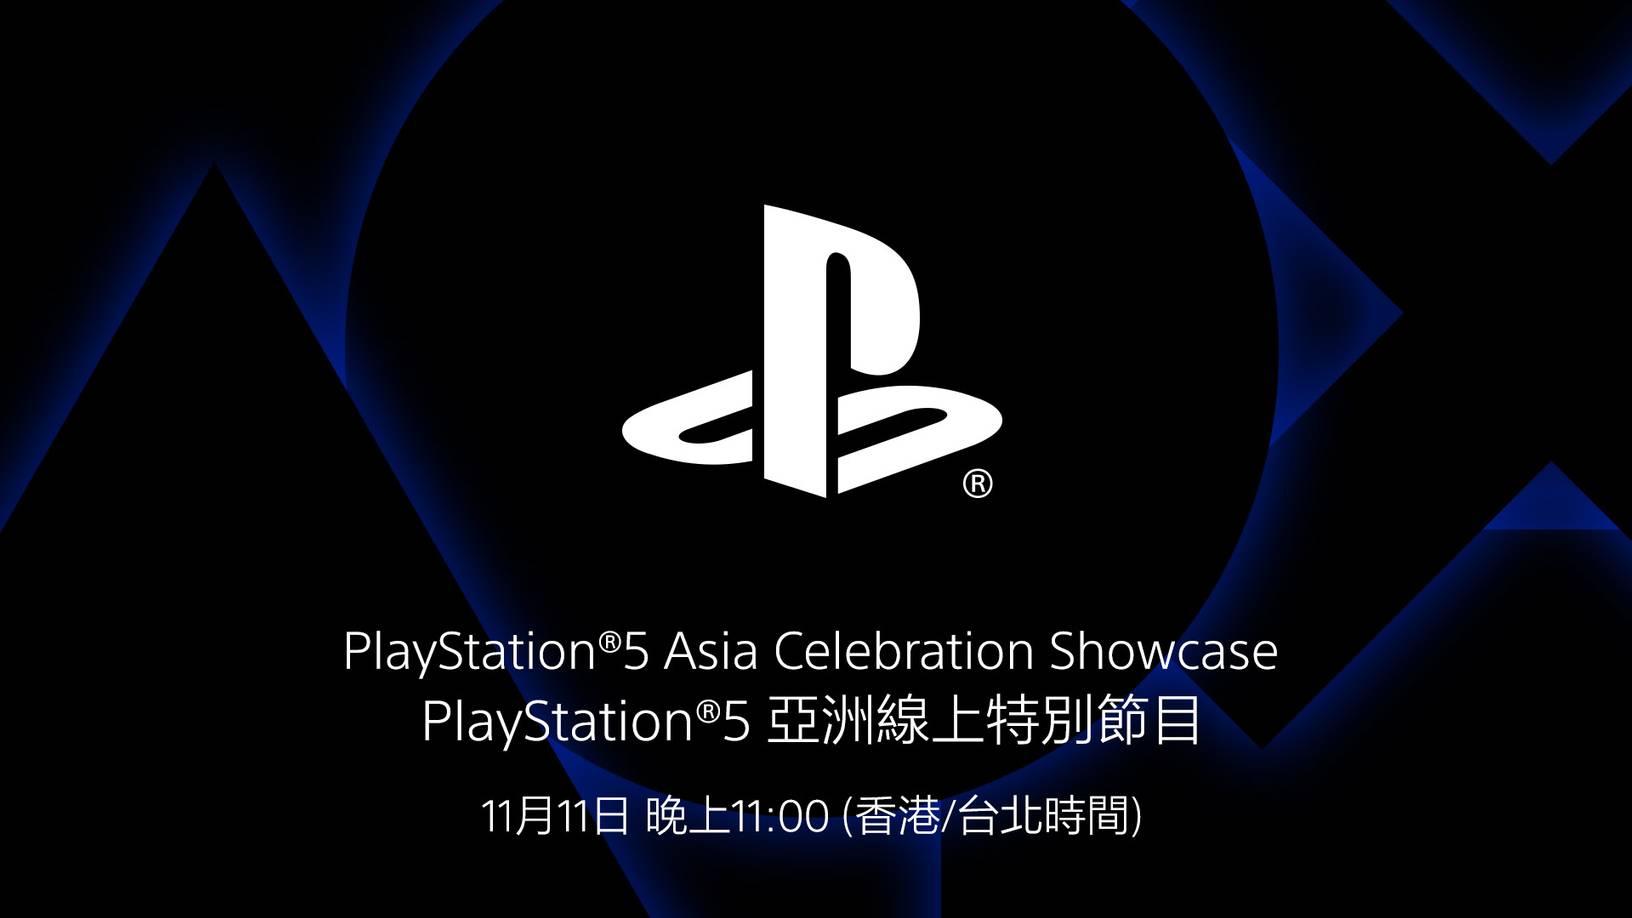 PS5亚洲线上特别节目11日晚举办 林俊杰将到场助阵